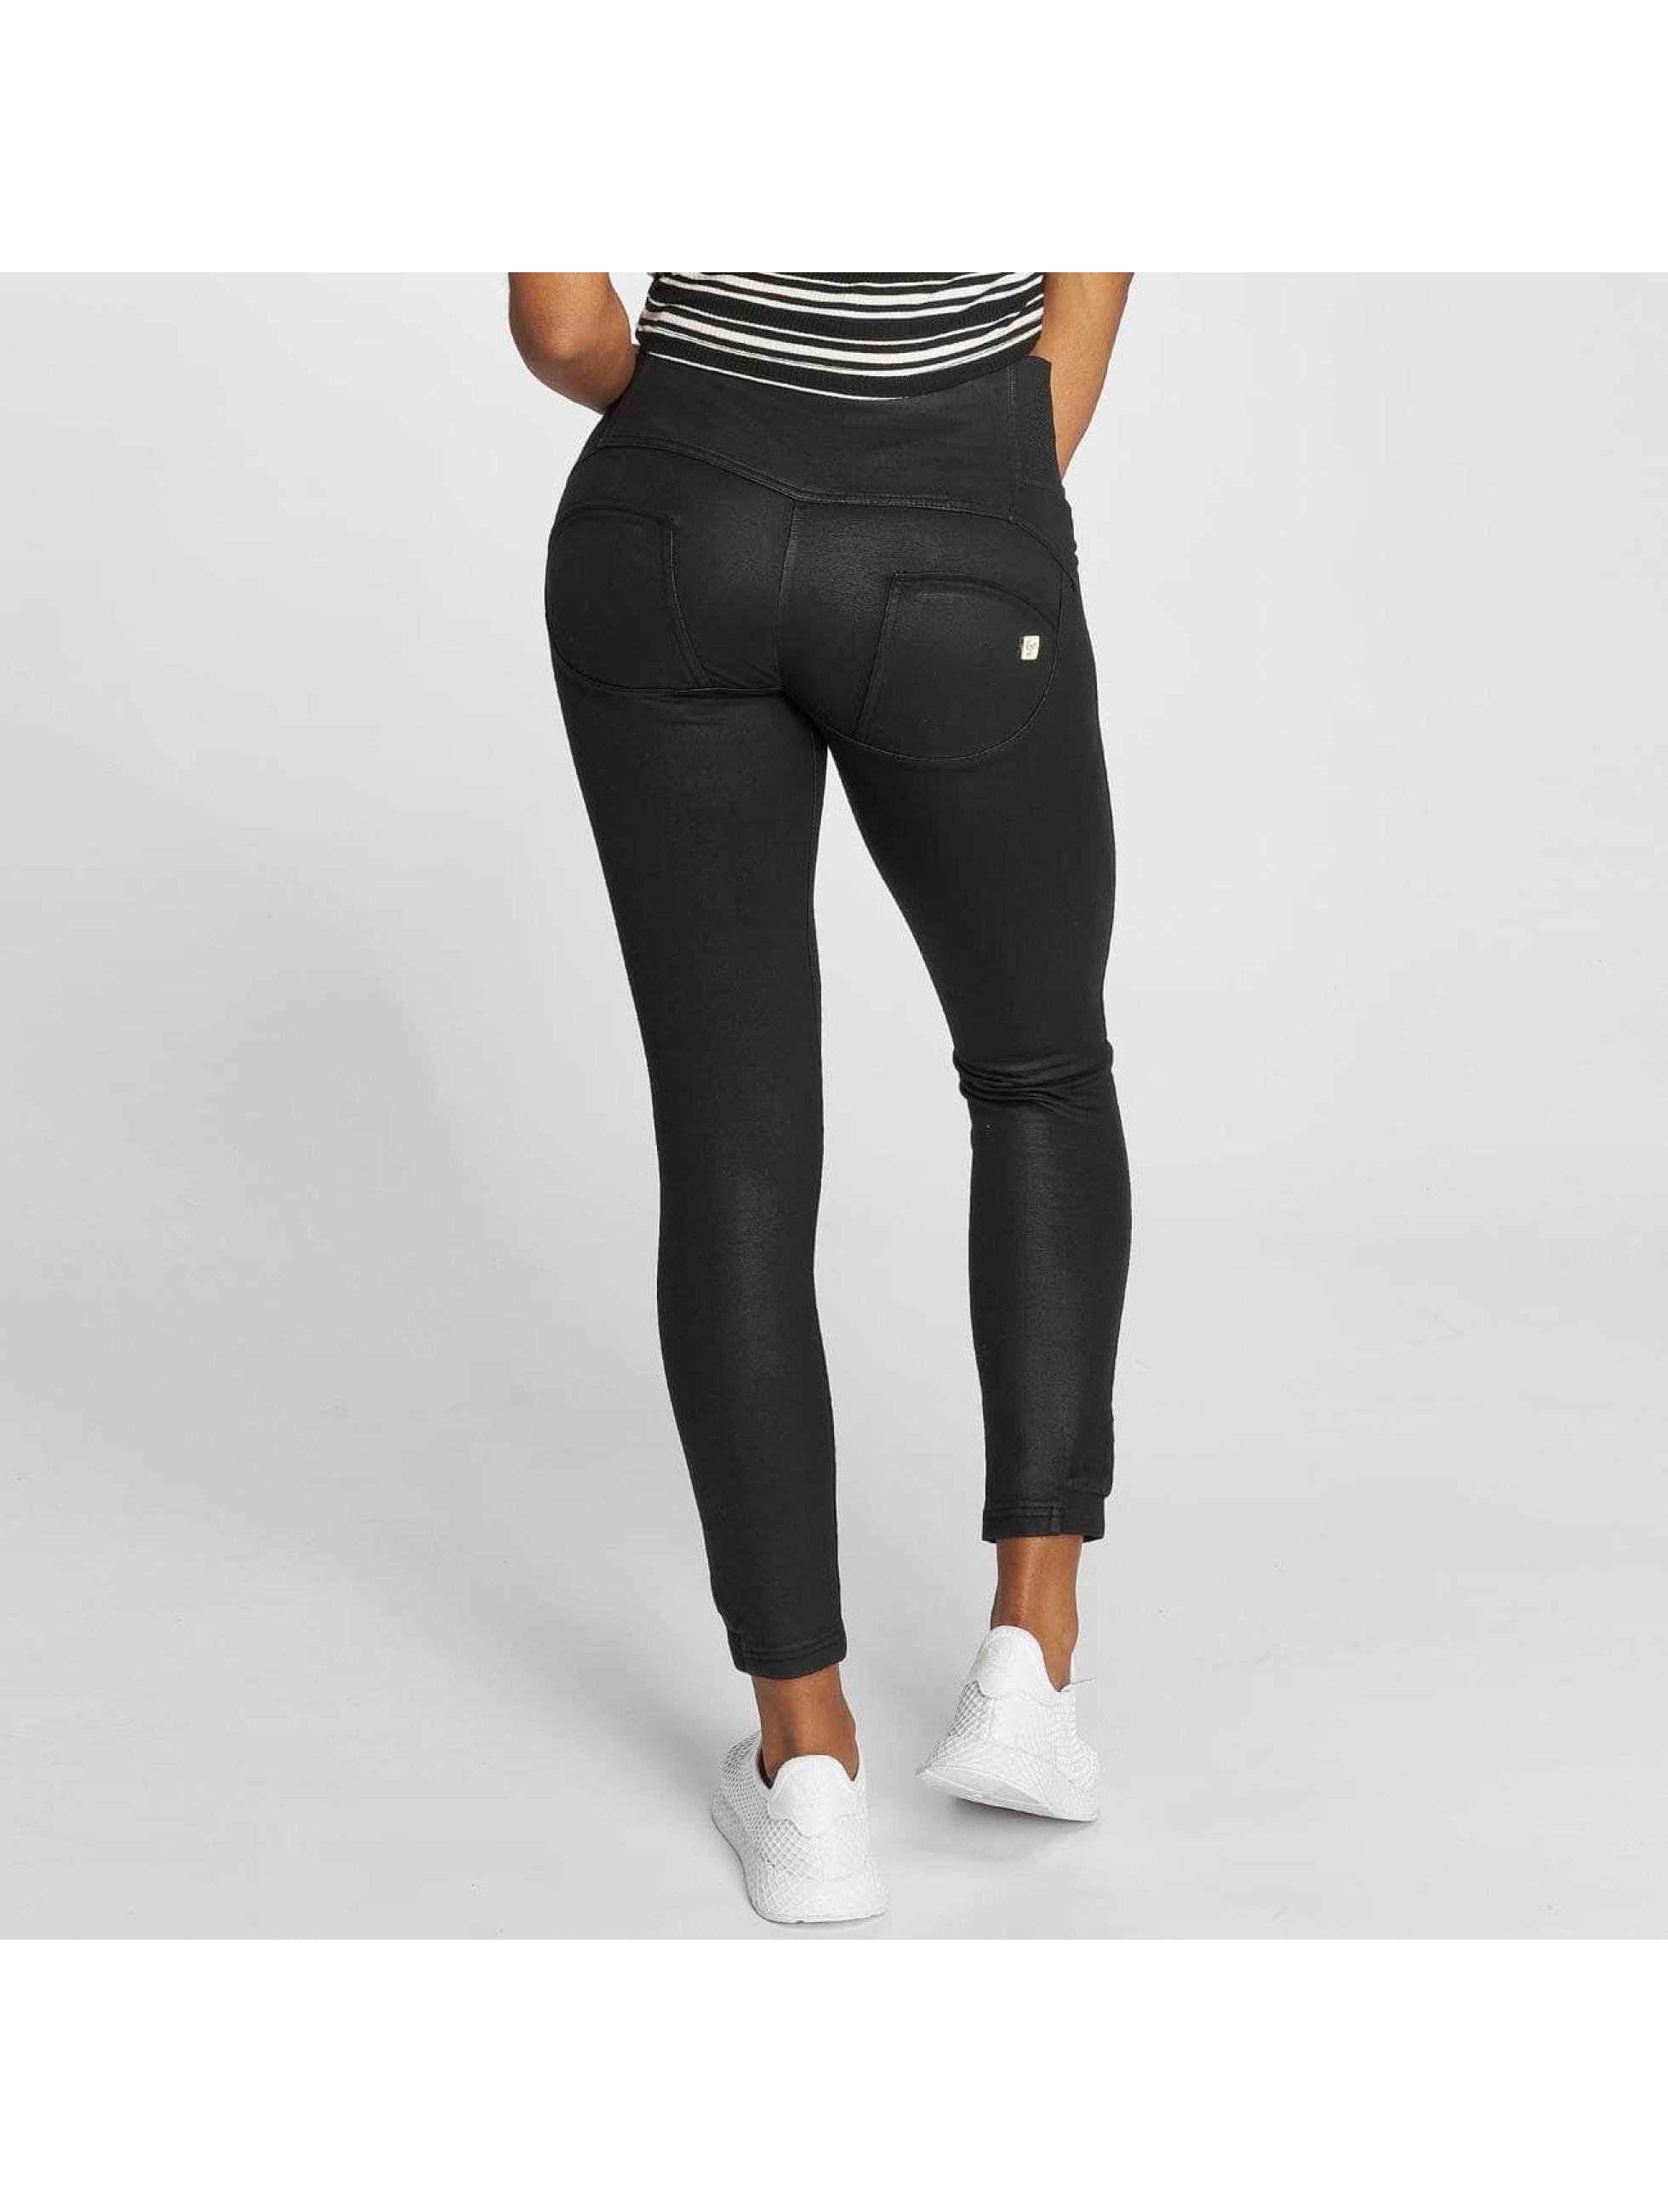 Freddy Jean taille haute Pantalone Lungo noir